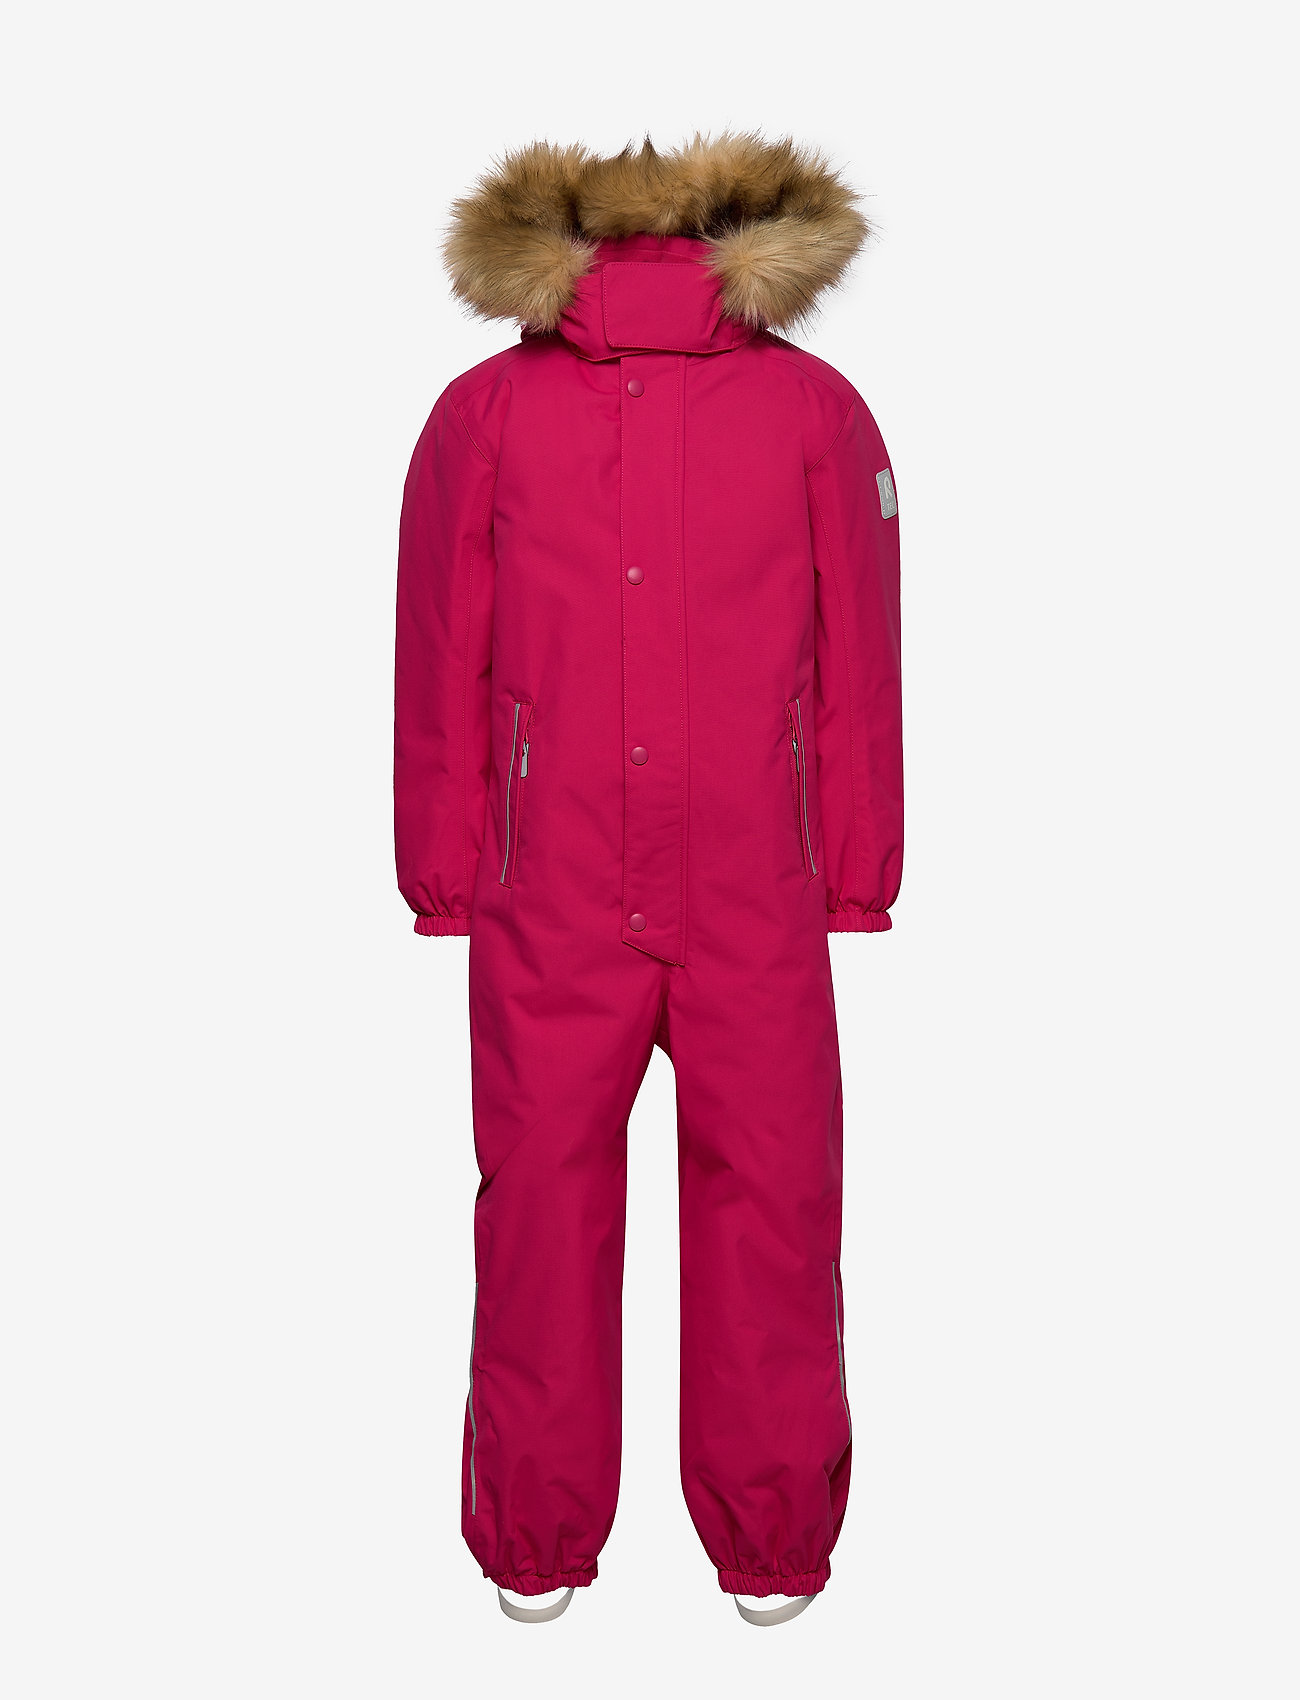 Reima - Stavanger - snowsuit - raspberry pink - 1